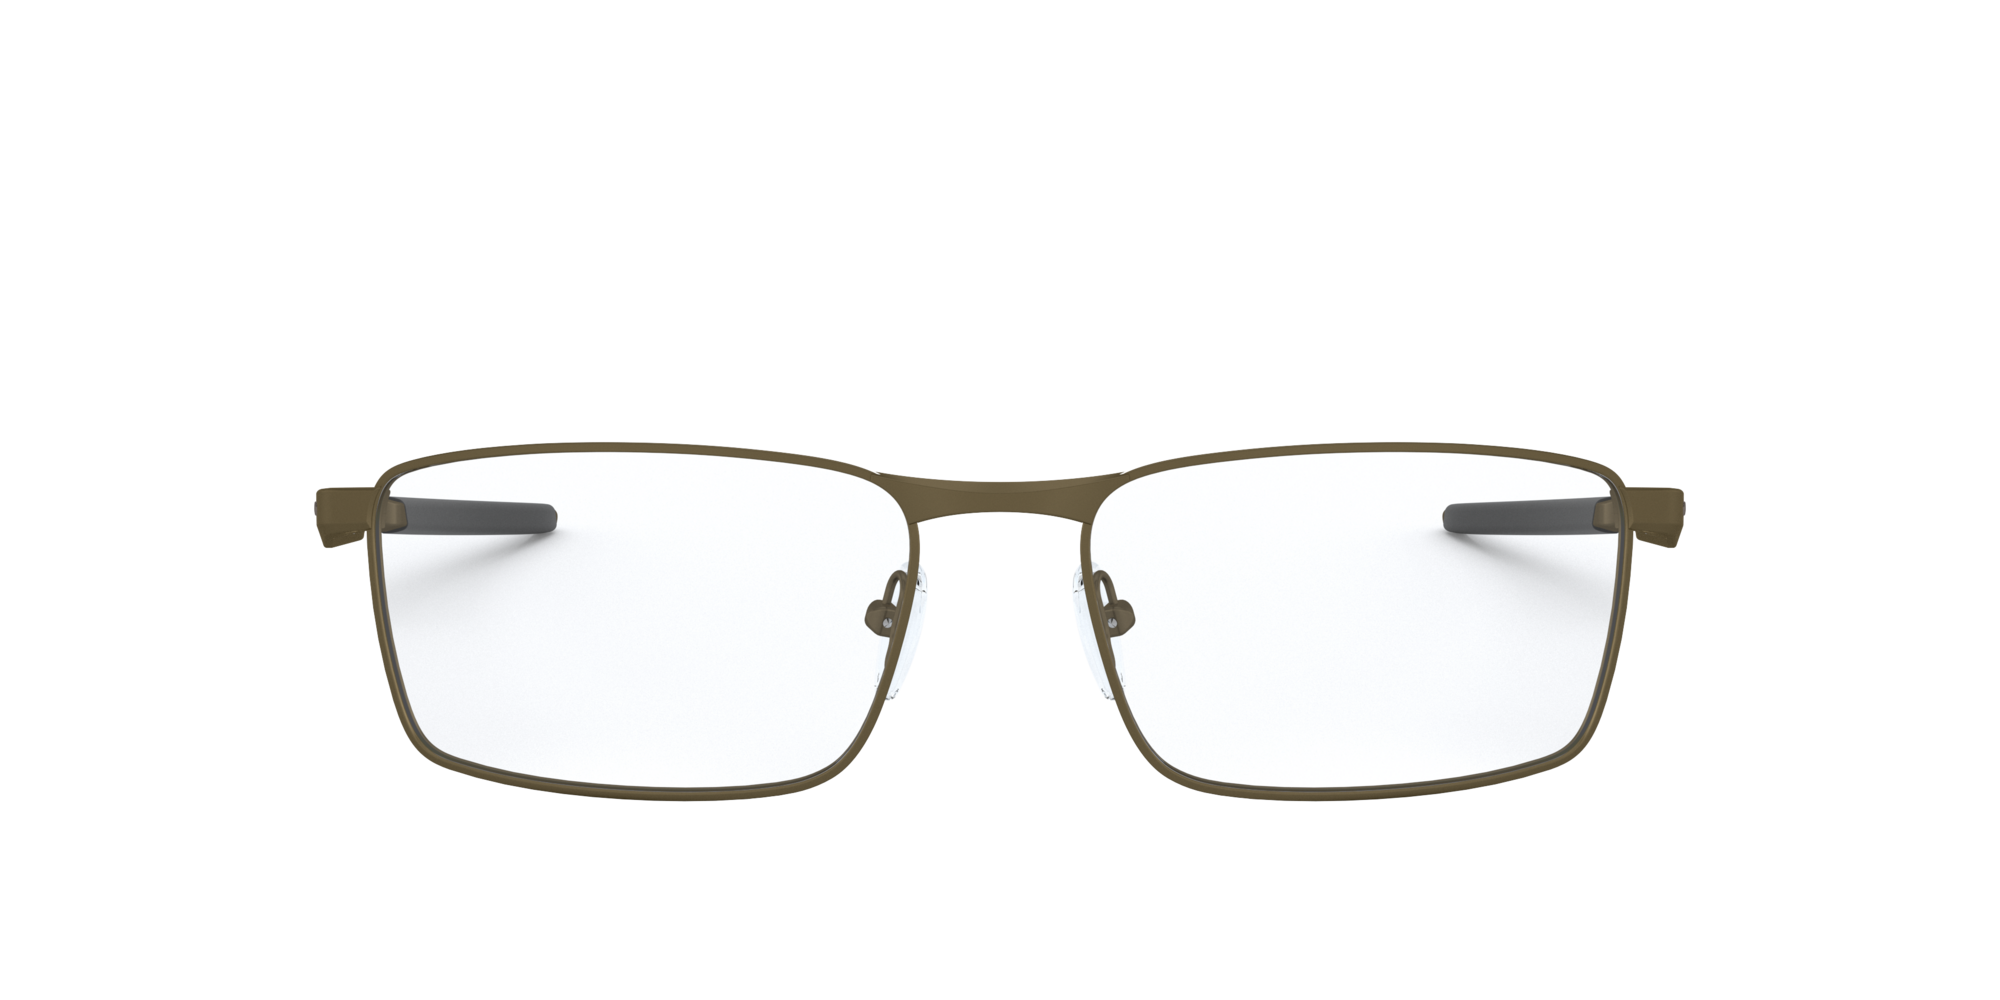 Imagen para OX3227 FULLER de LensCrafters |  Espejuelos, espejuelos graduados en línea, gafas